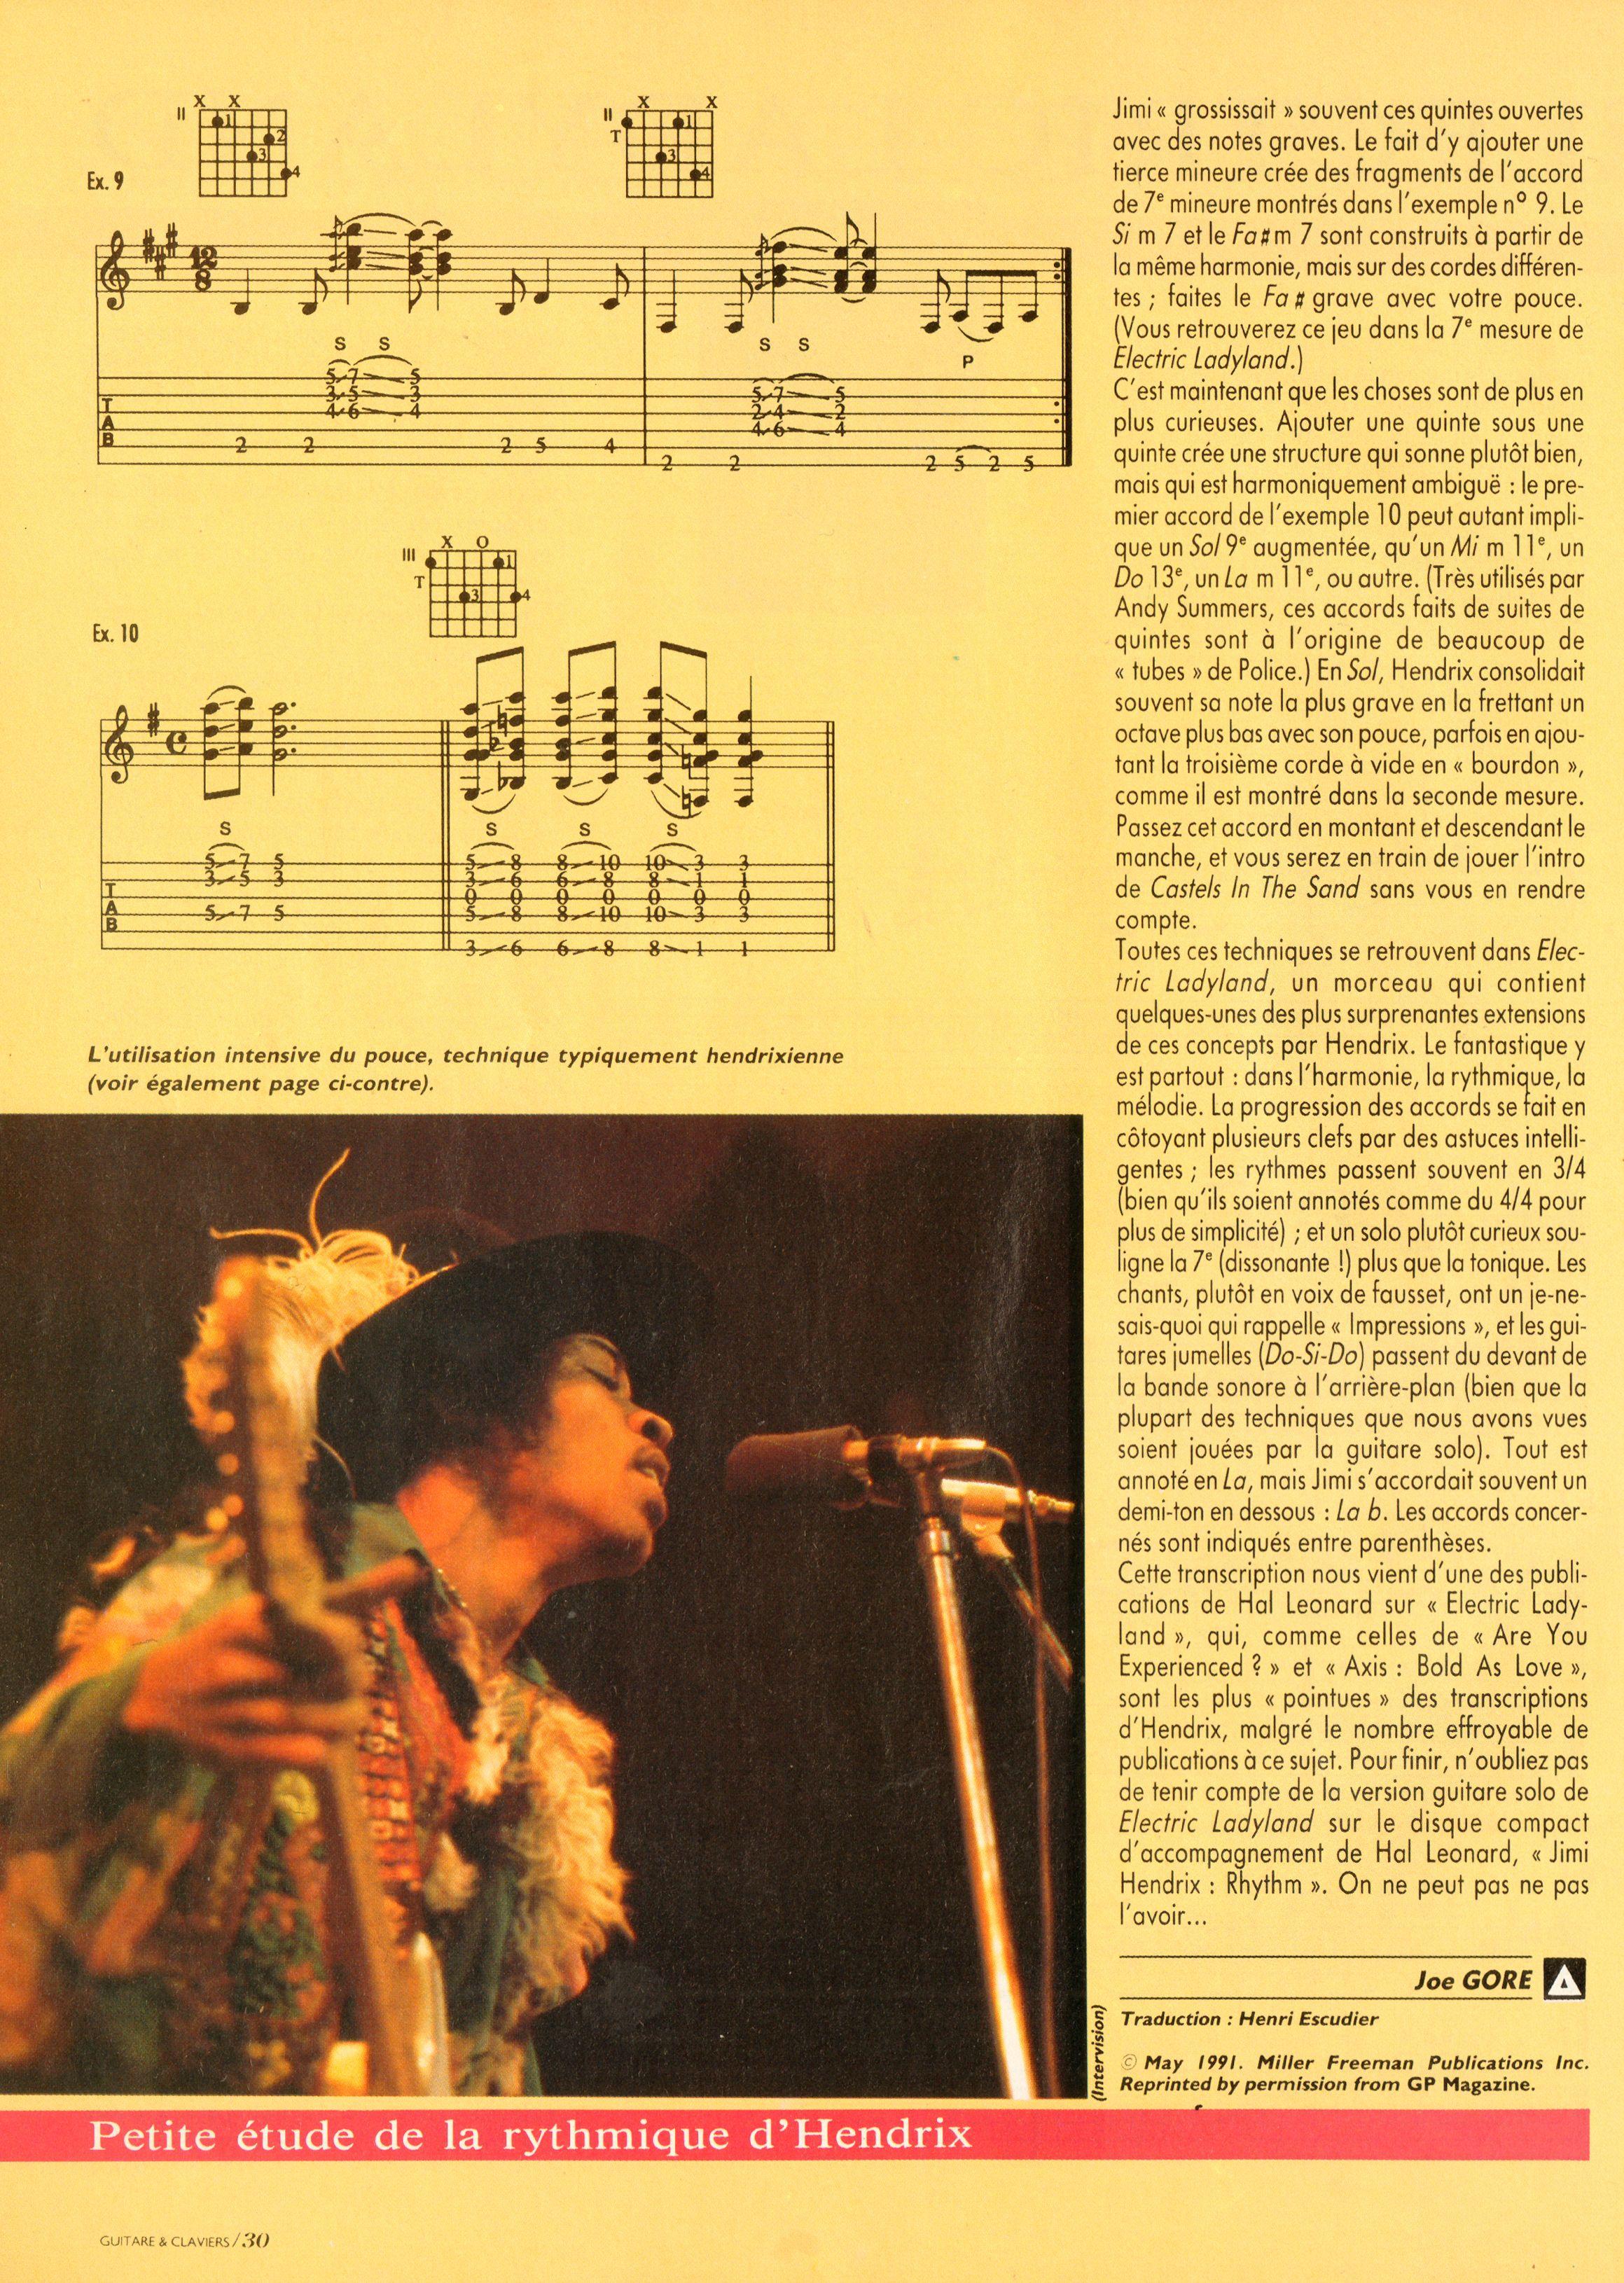 Magazines Français 1989 - 2014 GuitareClaviersJuilletAout1991Page30